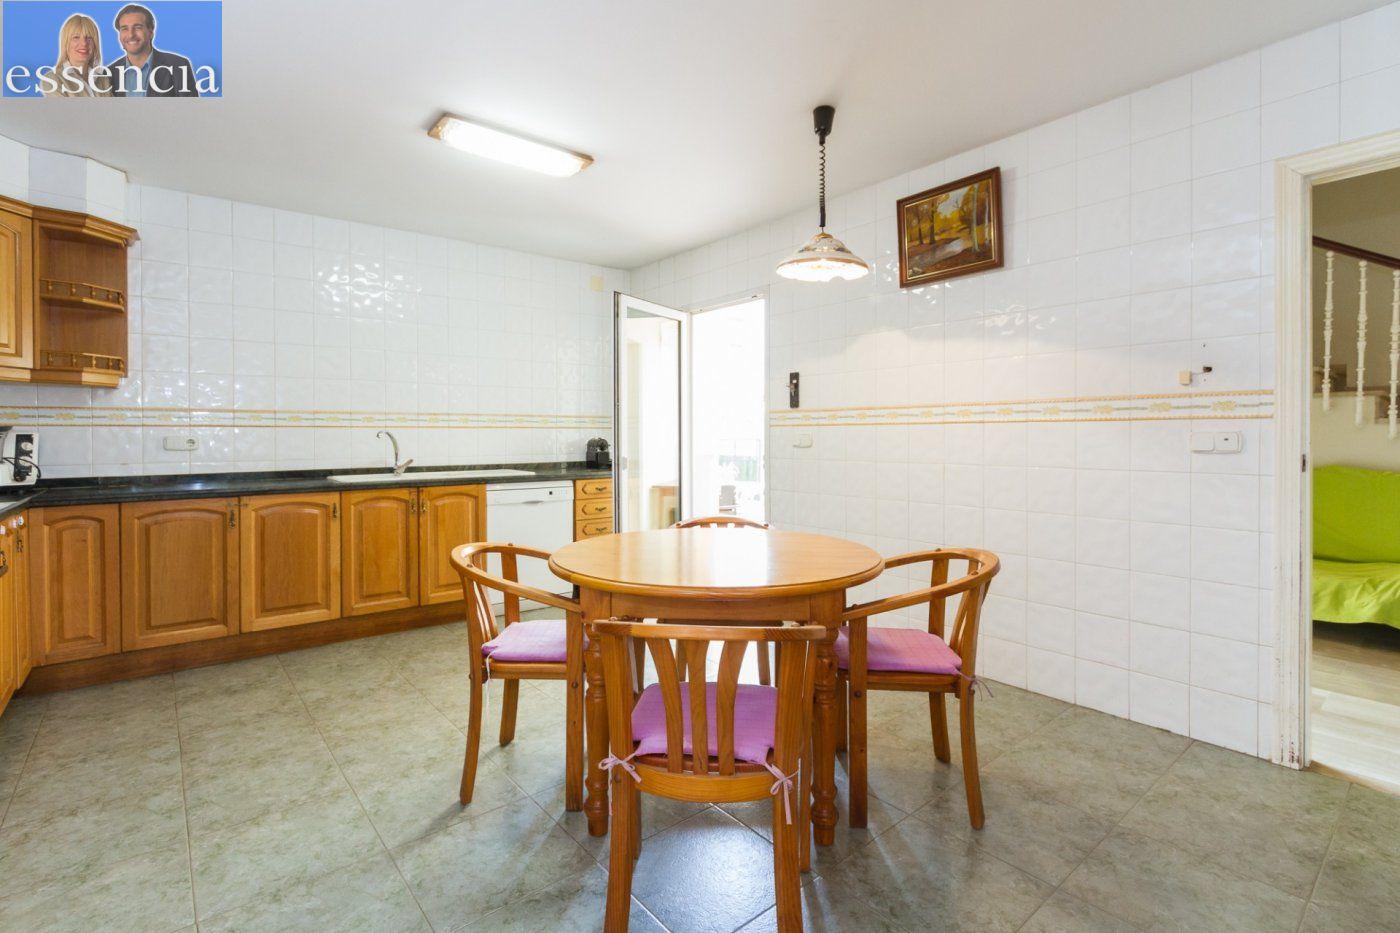 Casa con encanto en el centro de gandÍa para clientes vip - imagenInmueble13